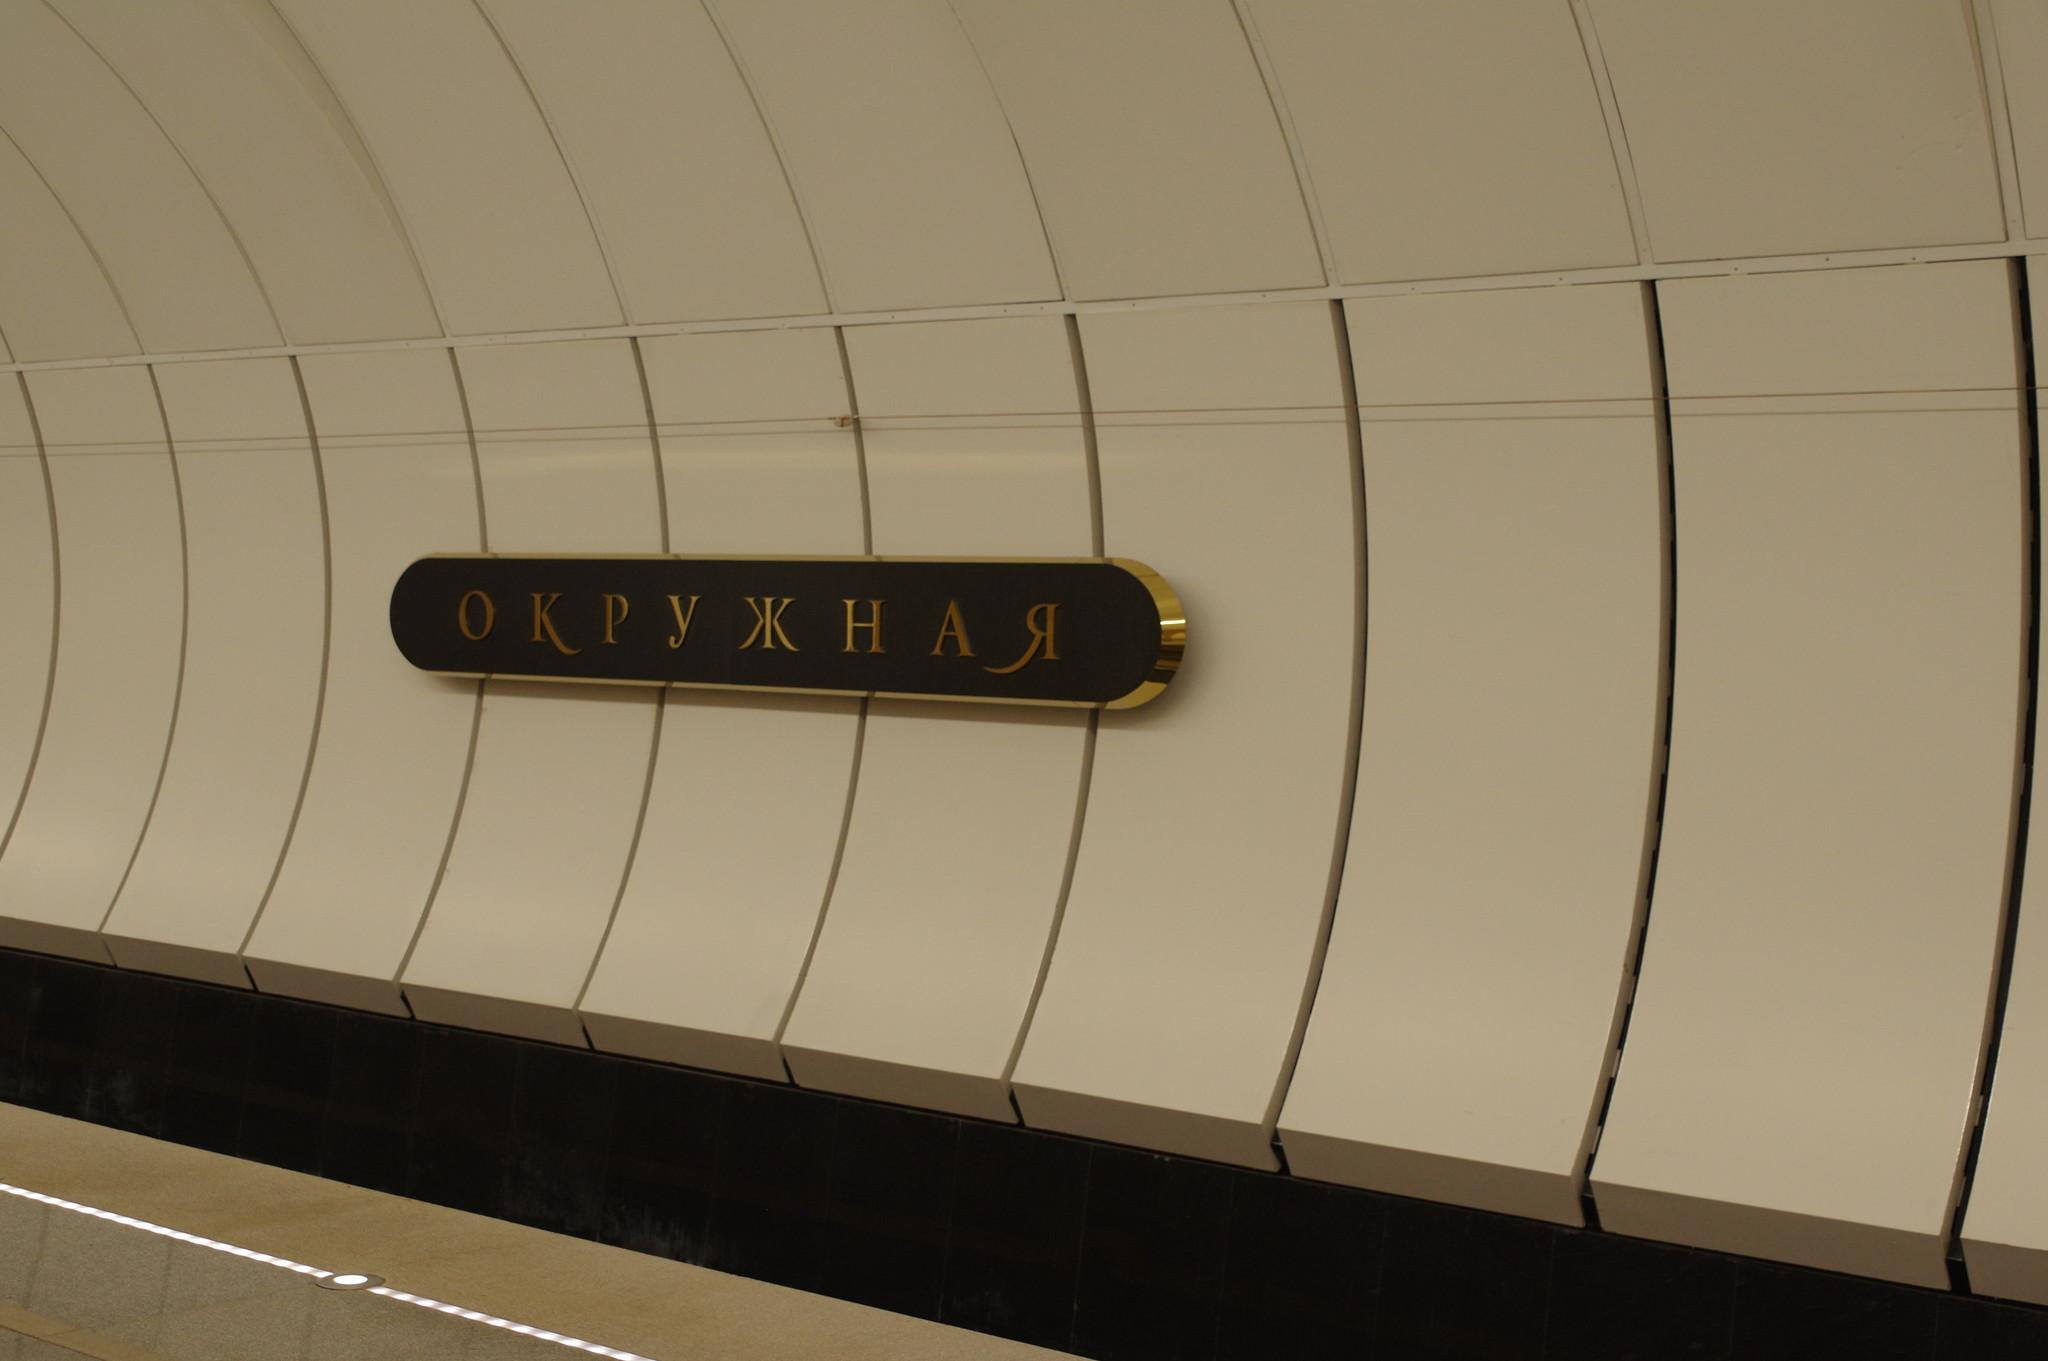 Станция «Окружная» Люблинско-Дмитровской линии